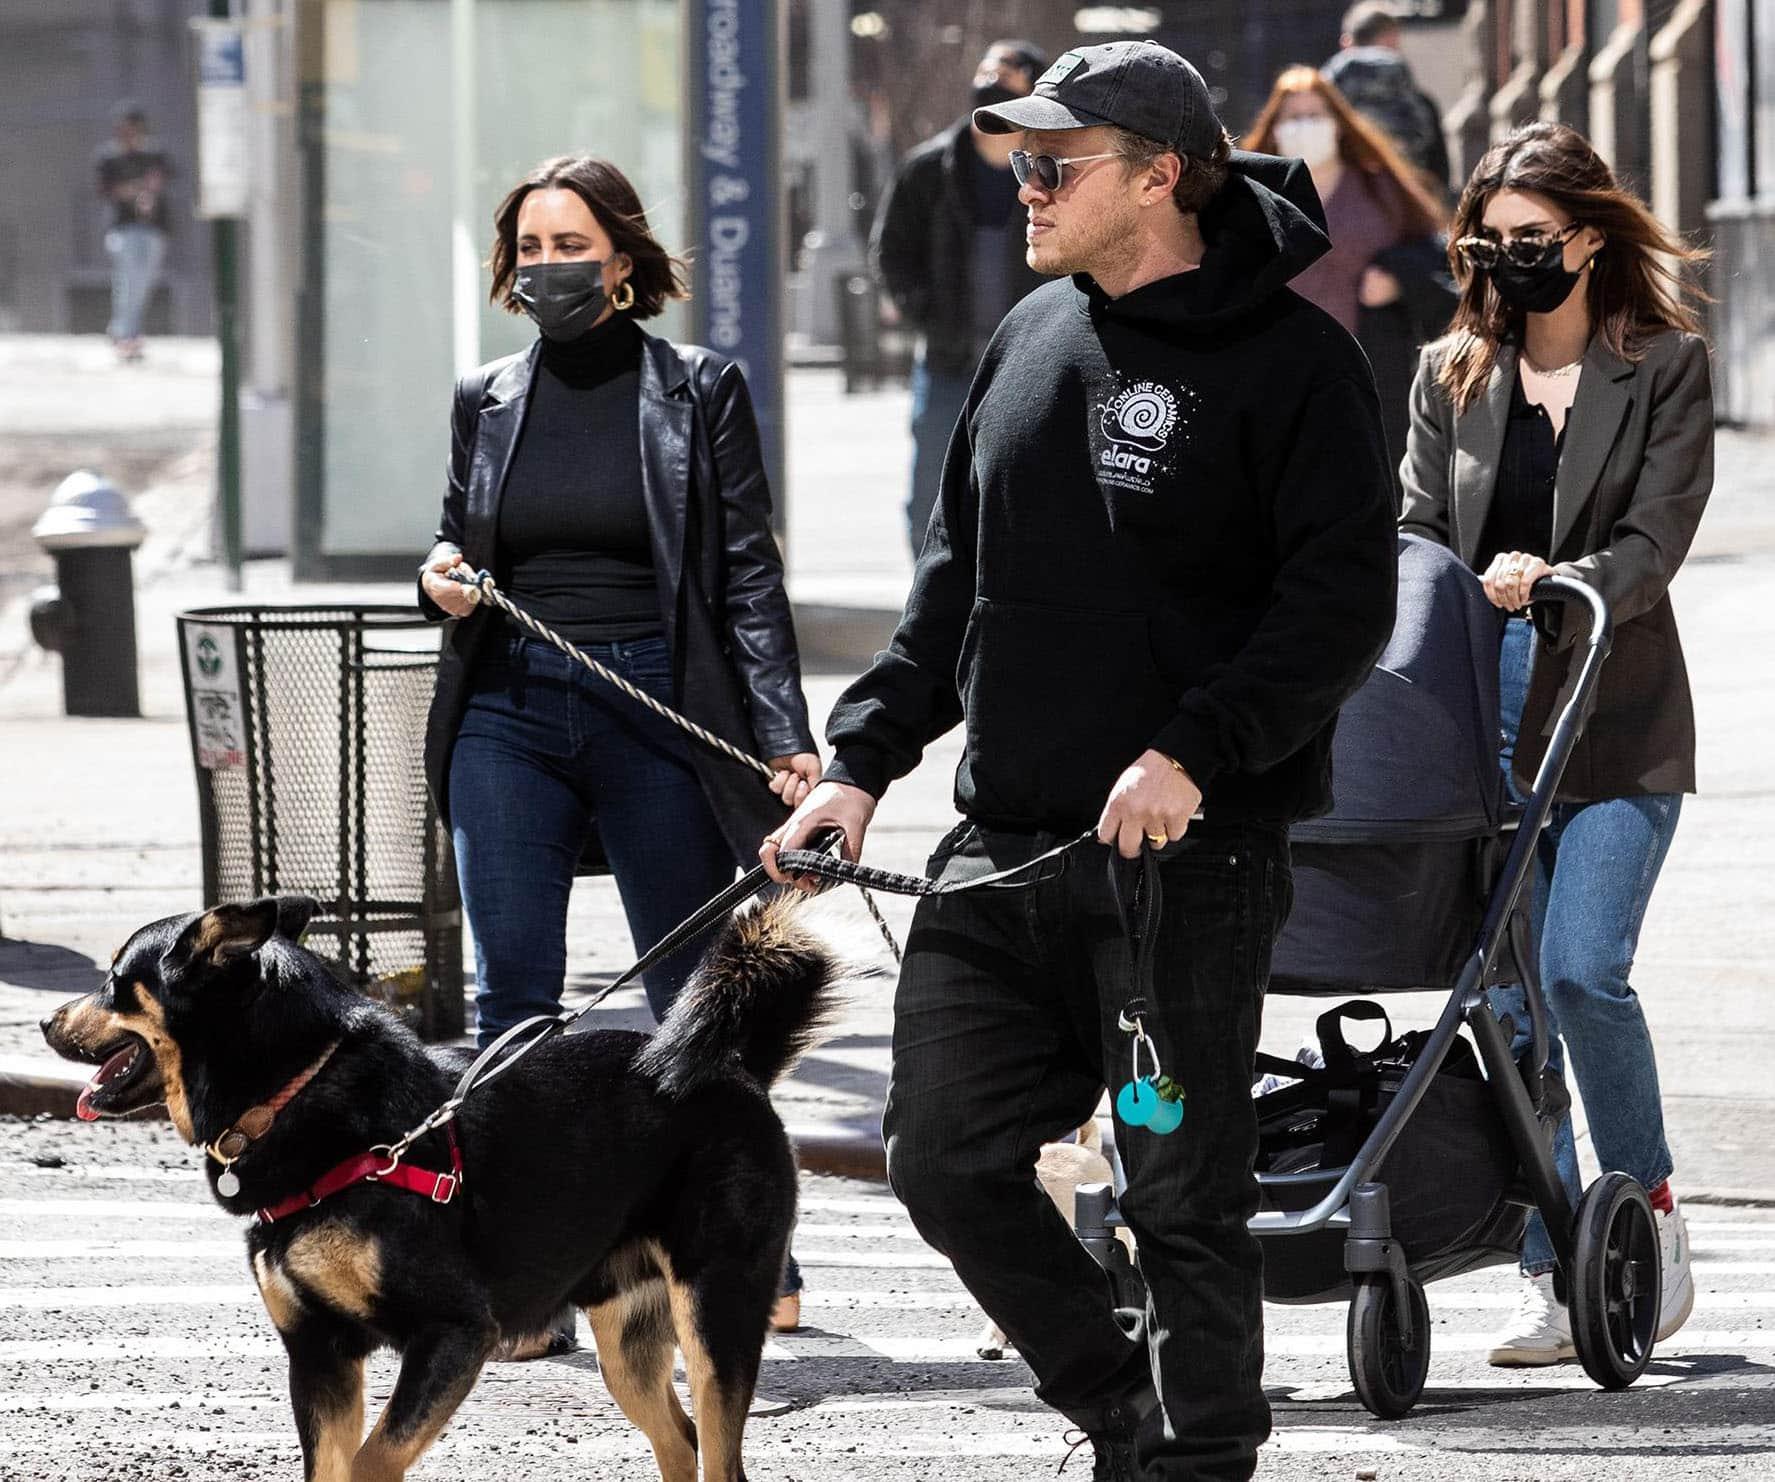 Sebastian Bear-McClard and wife Emily Ratajkowski take their newborn son, Sylvester Apollo, out in New York City on March 20, 2021